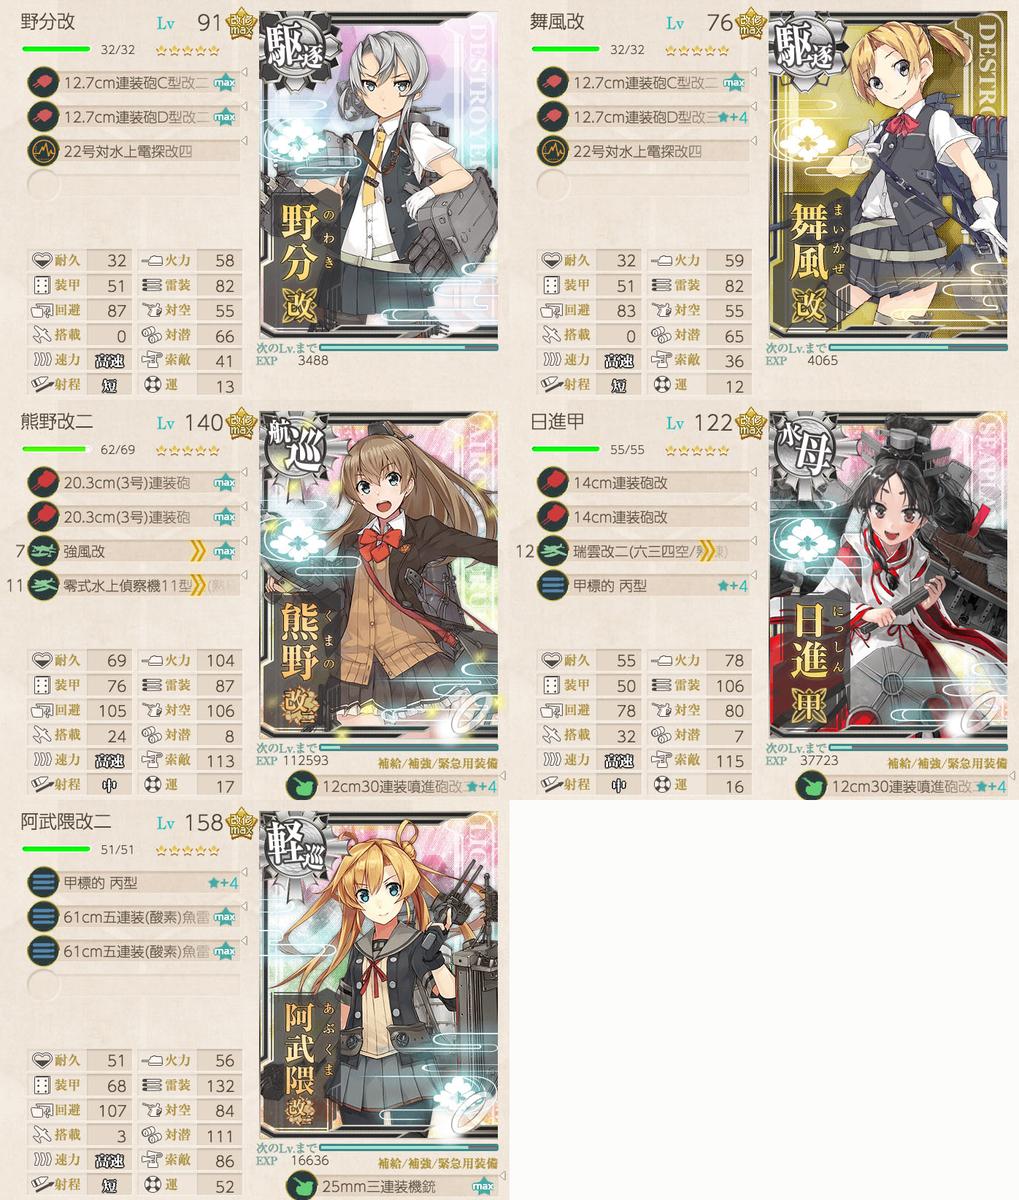 f:id:nameless_admiral:20201019131724j:plain